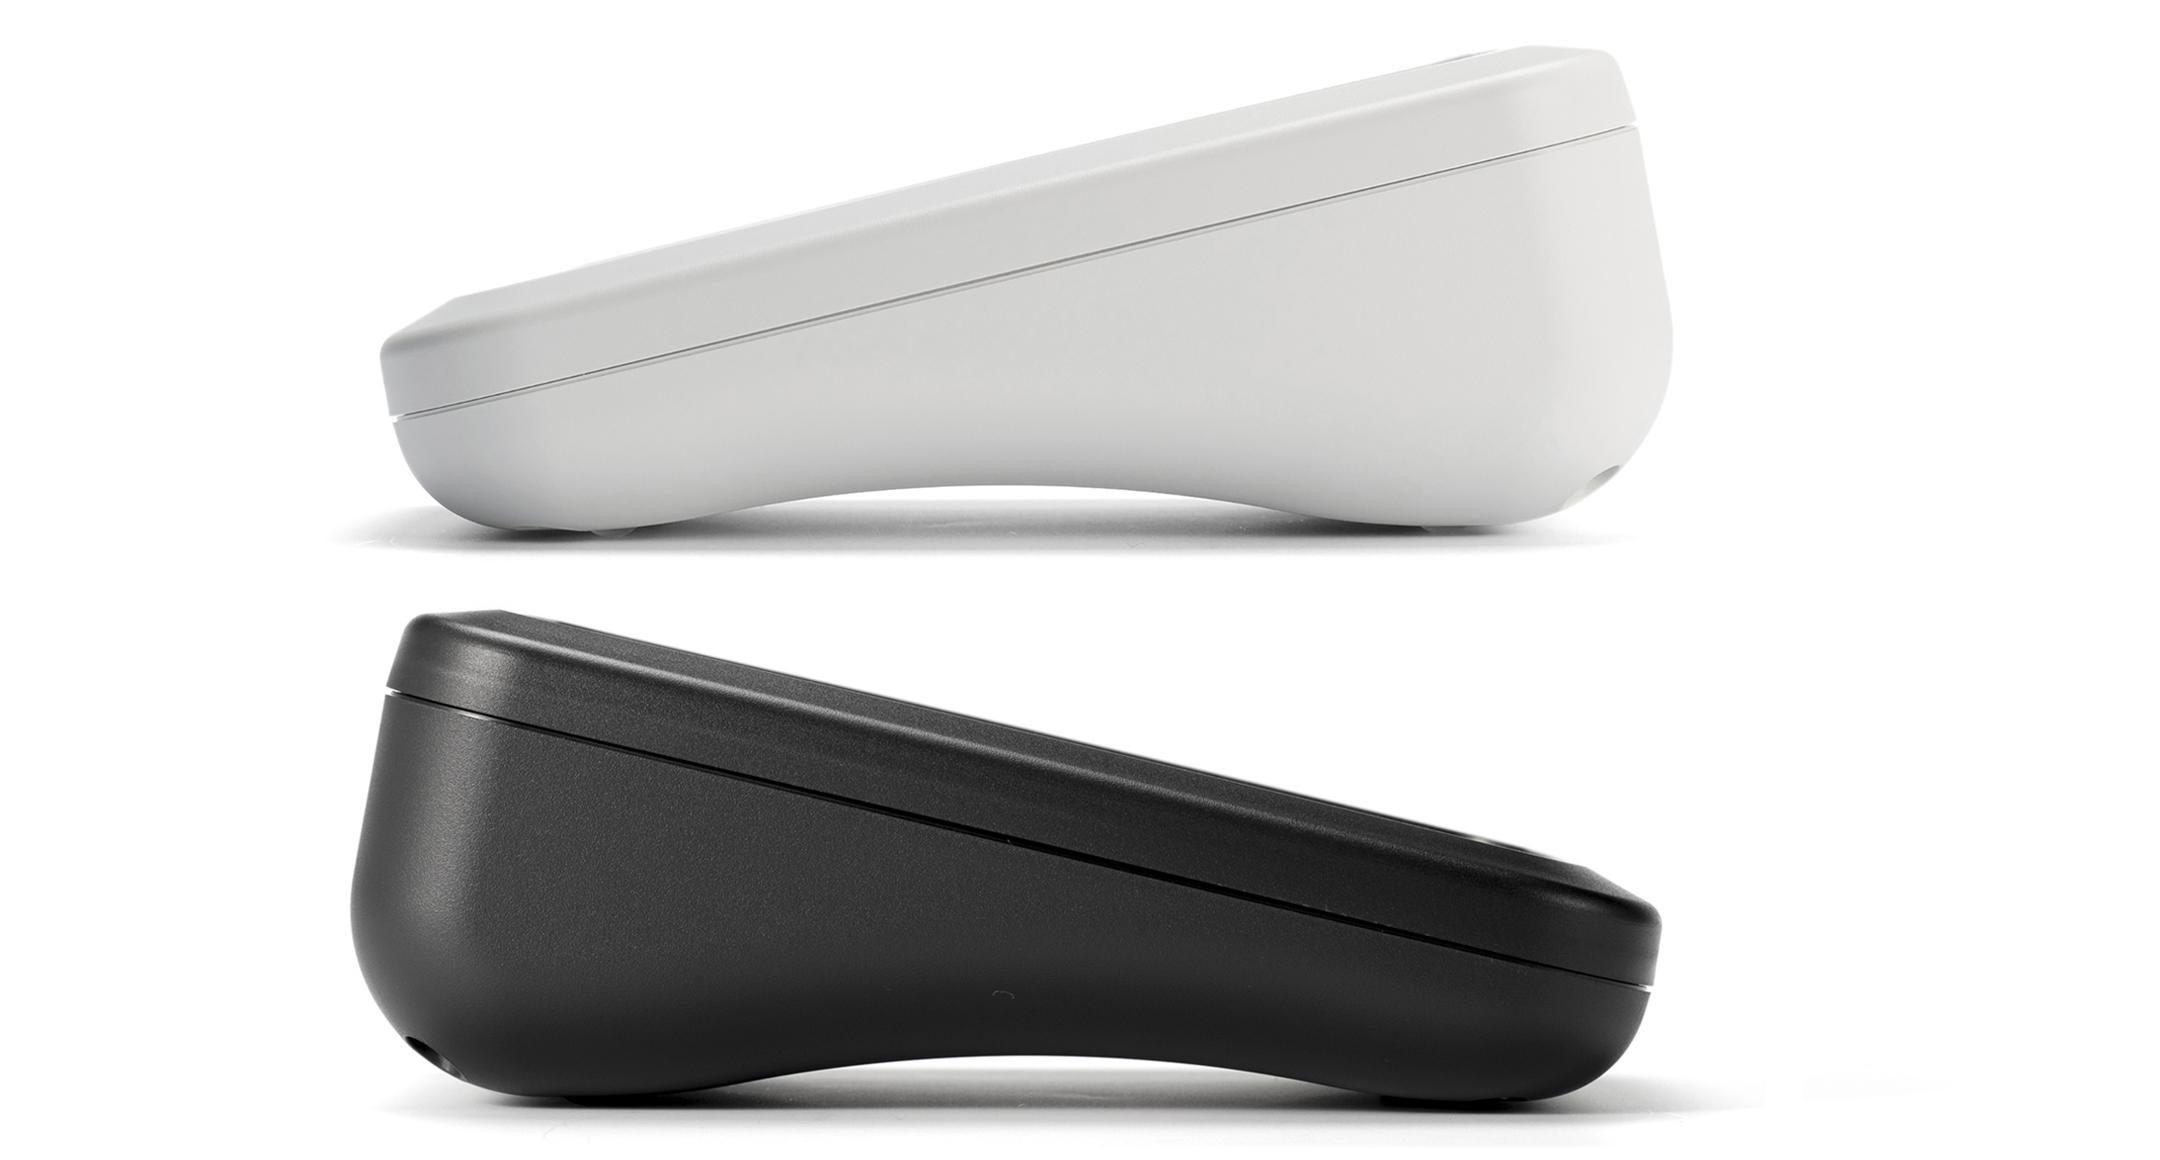 傾斜プラスチックケース IP67防水型 WSCシリーズの画像